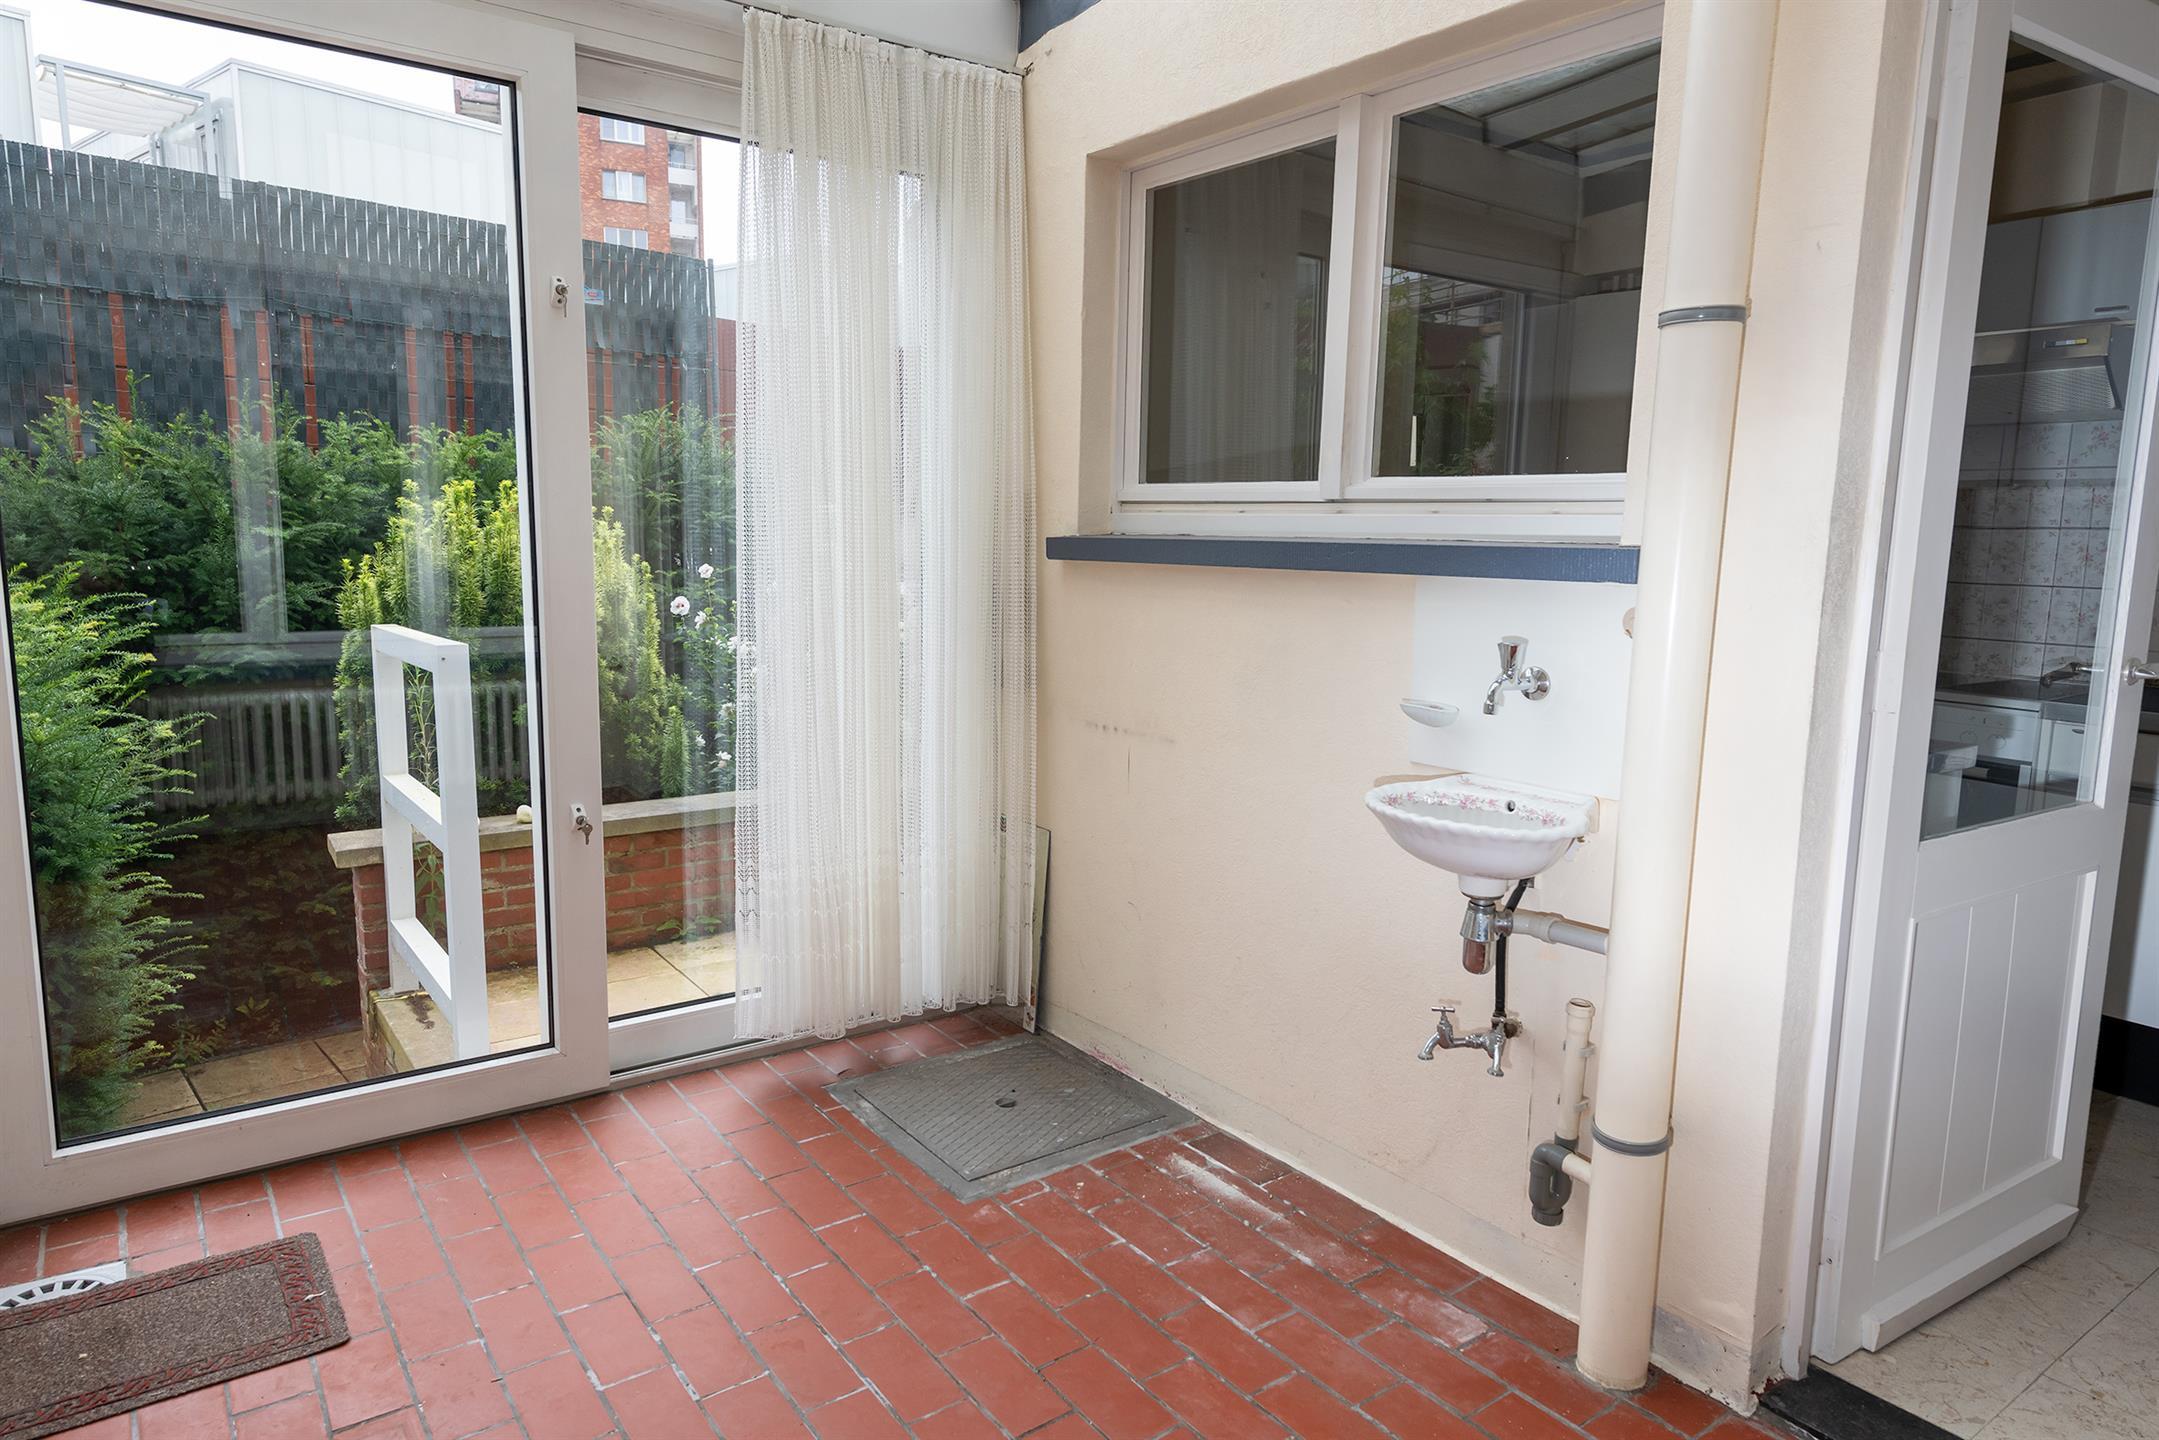 Maison - Mechelen - #4346897-7